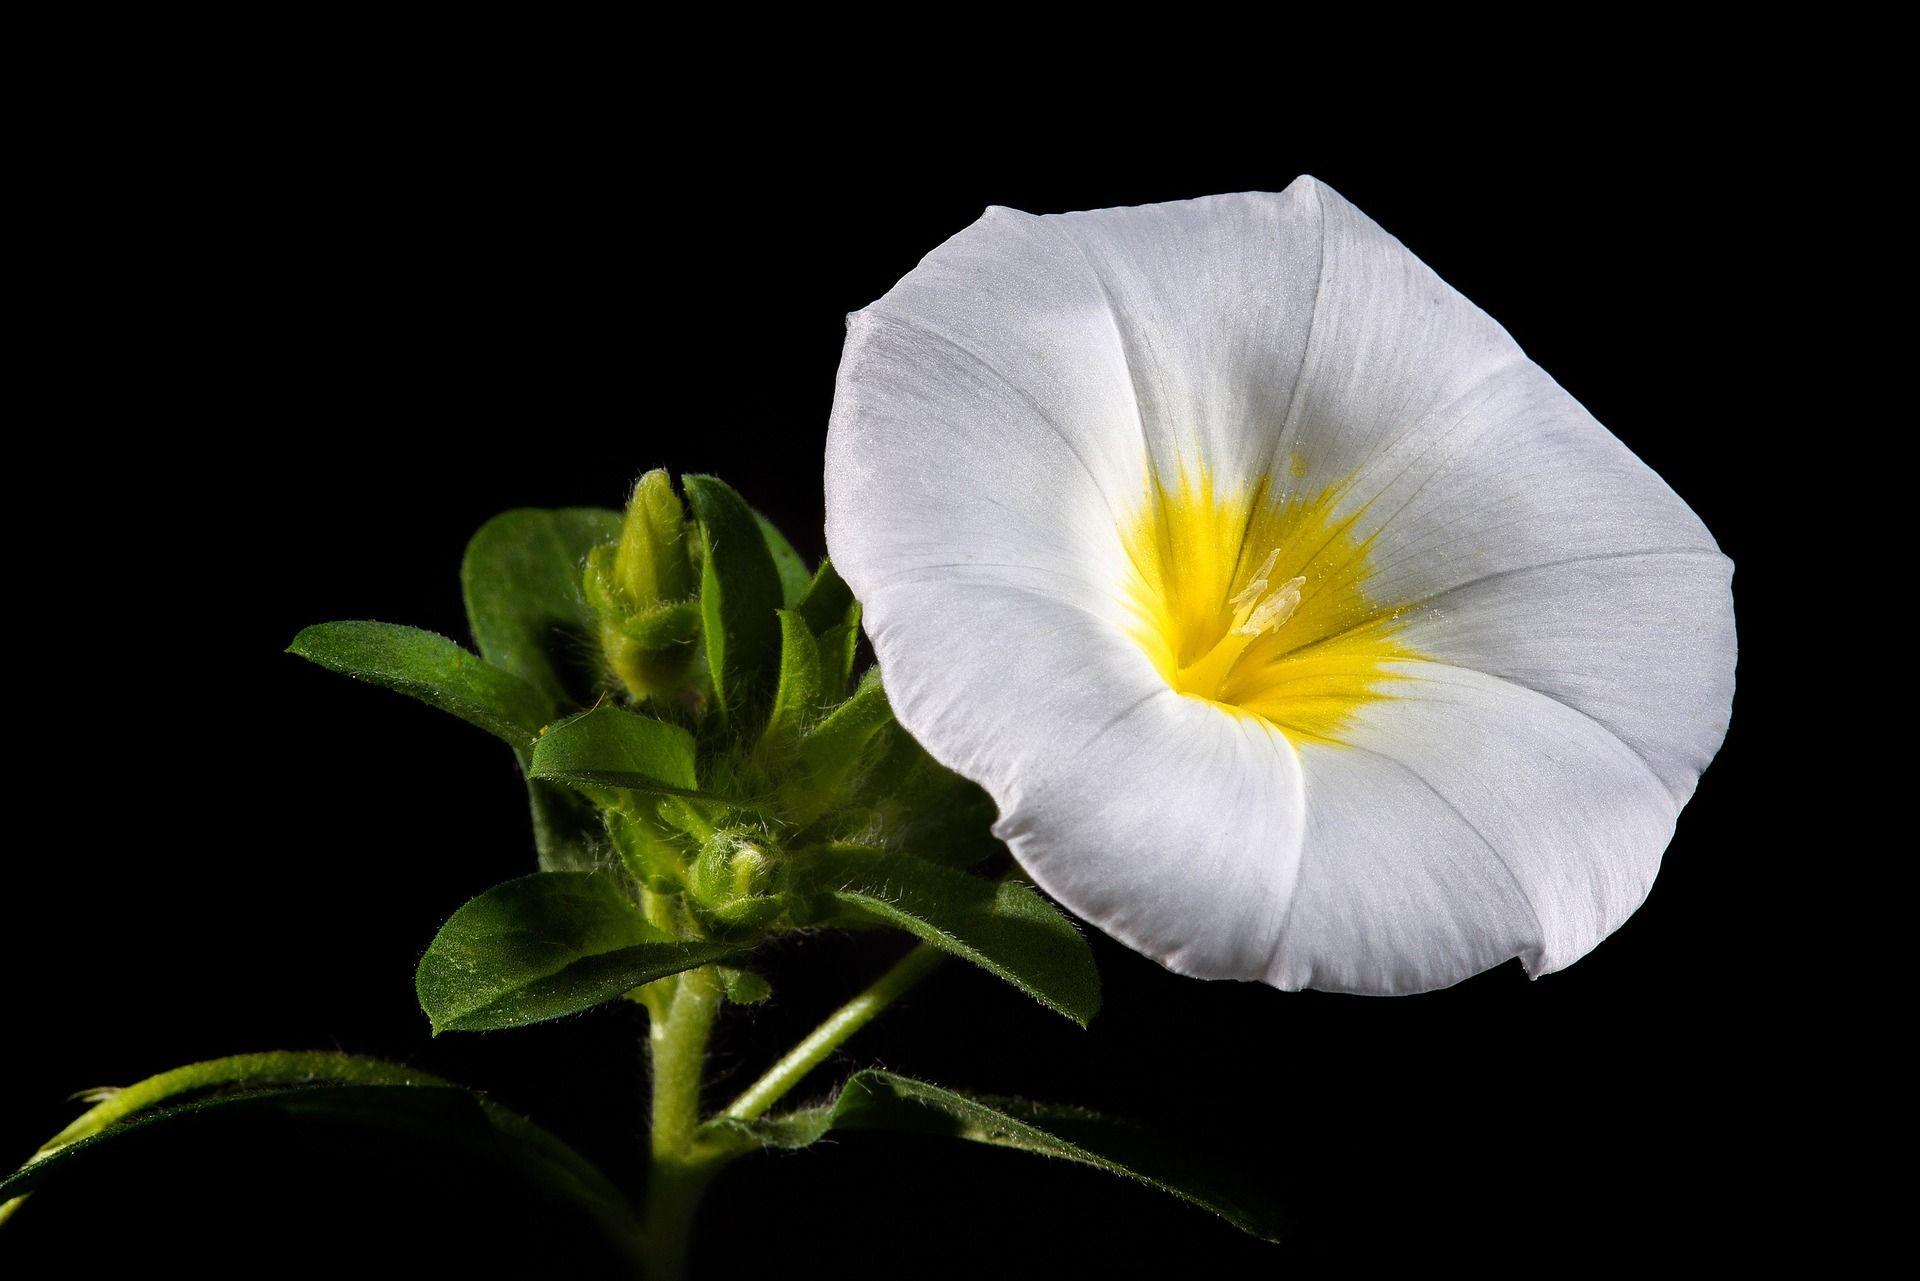 Morning Glory 11090911920g 19201281 Flowers Black White